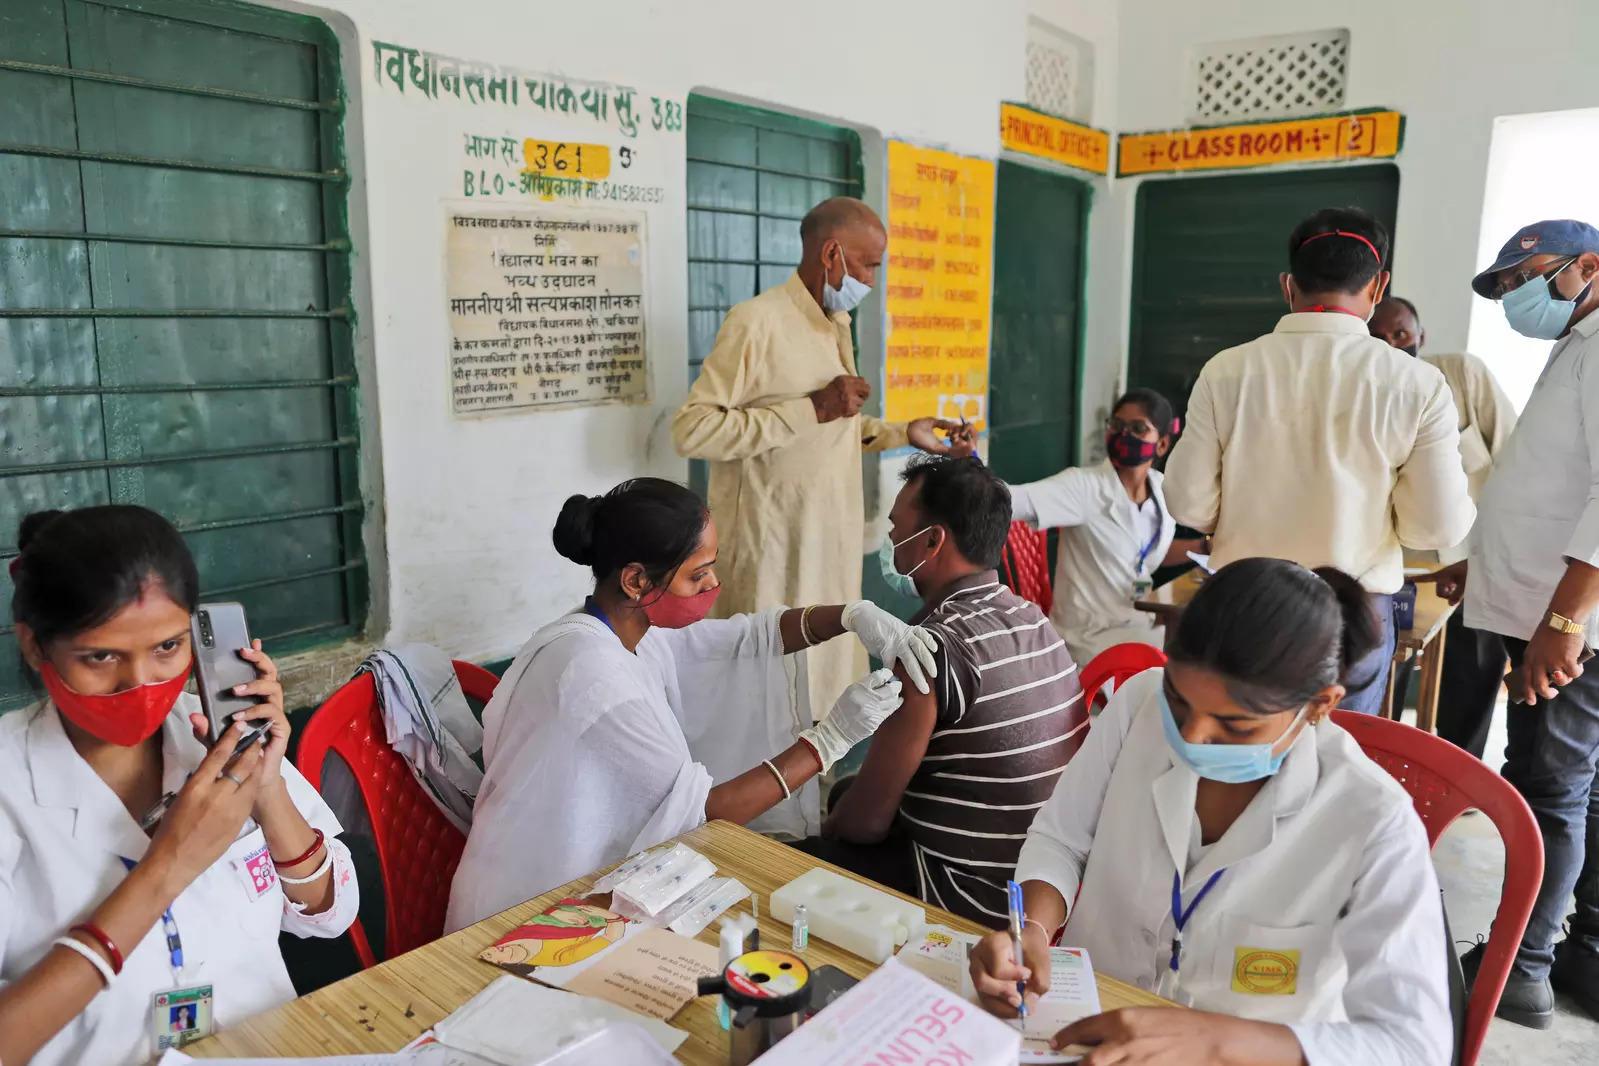 142 بیمارستان کوچک ، خانه سالمندان برای شروع واکسیناسیون Covid از 1 ژوئیه: PMC